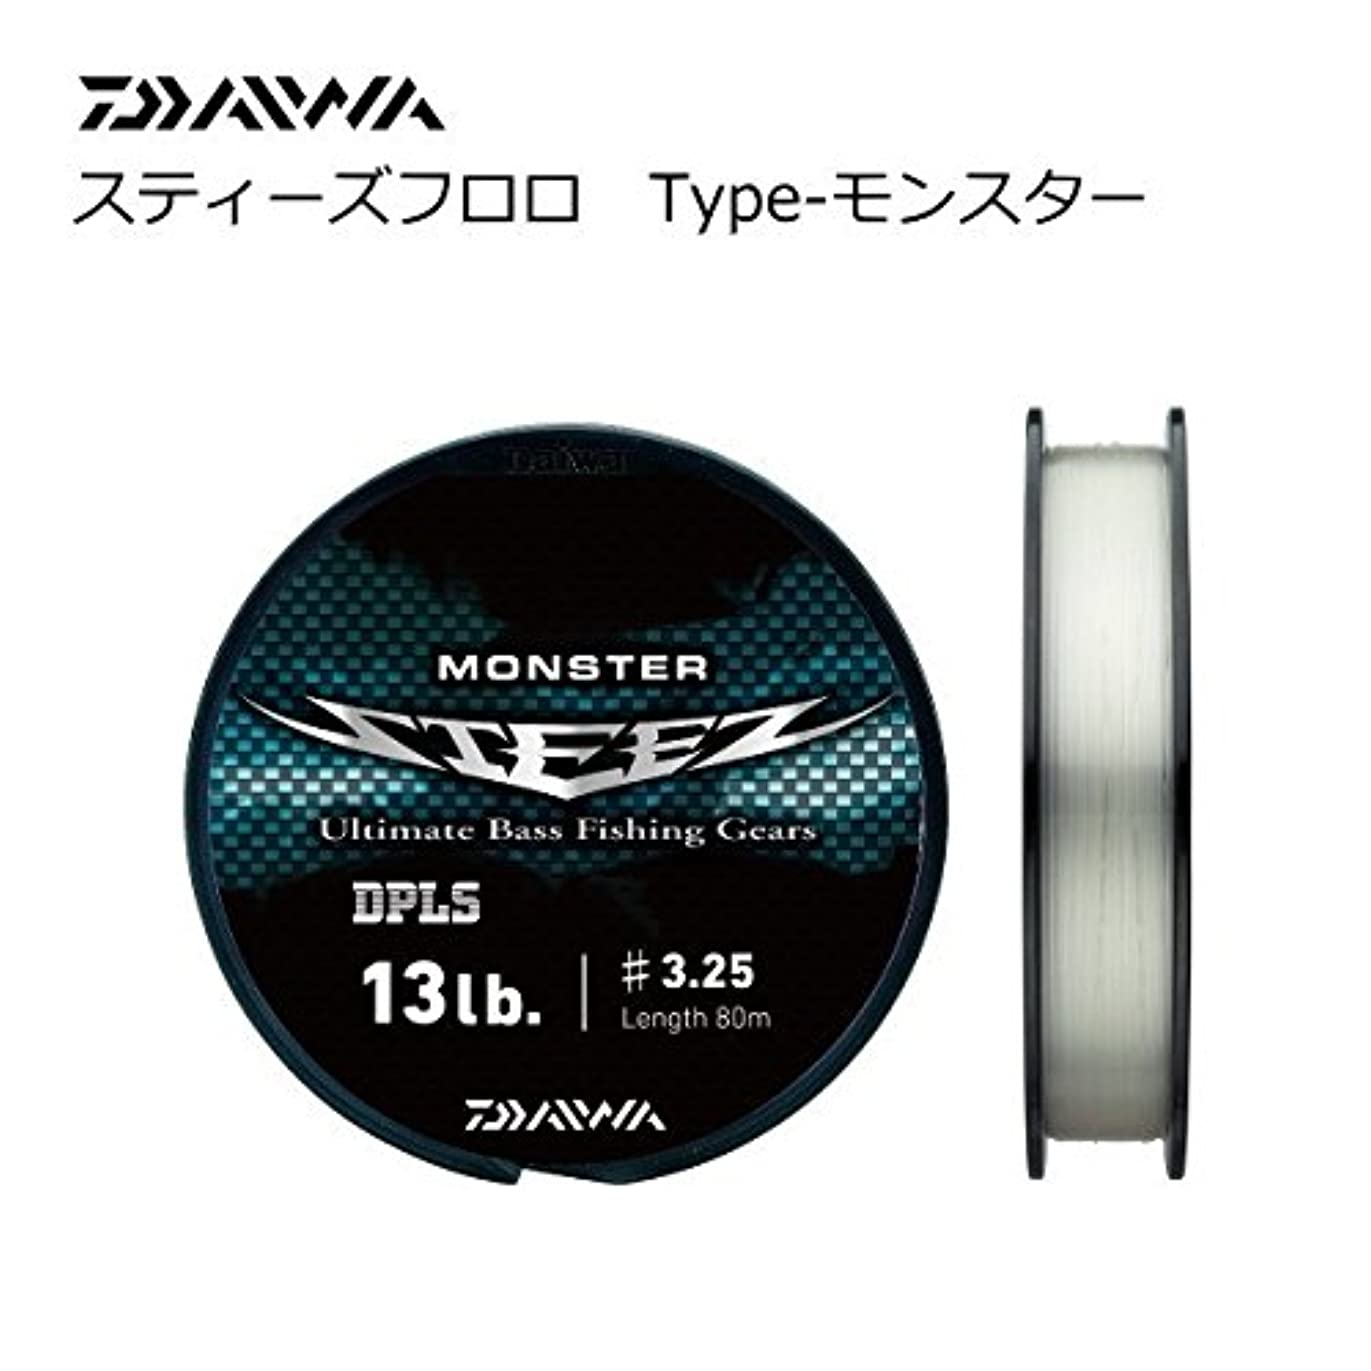 通り意味シリアルダイワ(Daiwa) フロロカーボンライン スティーズ Type-モンスター 80m 3.5号 14lb クリアー